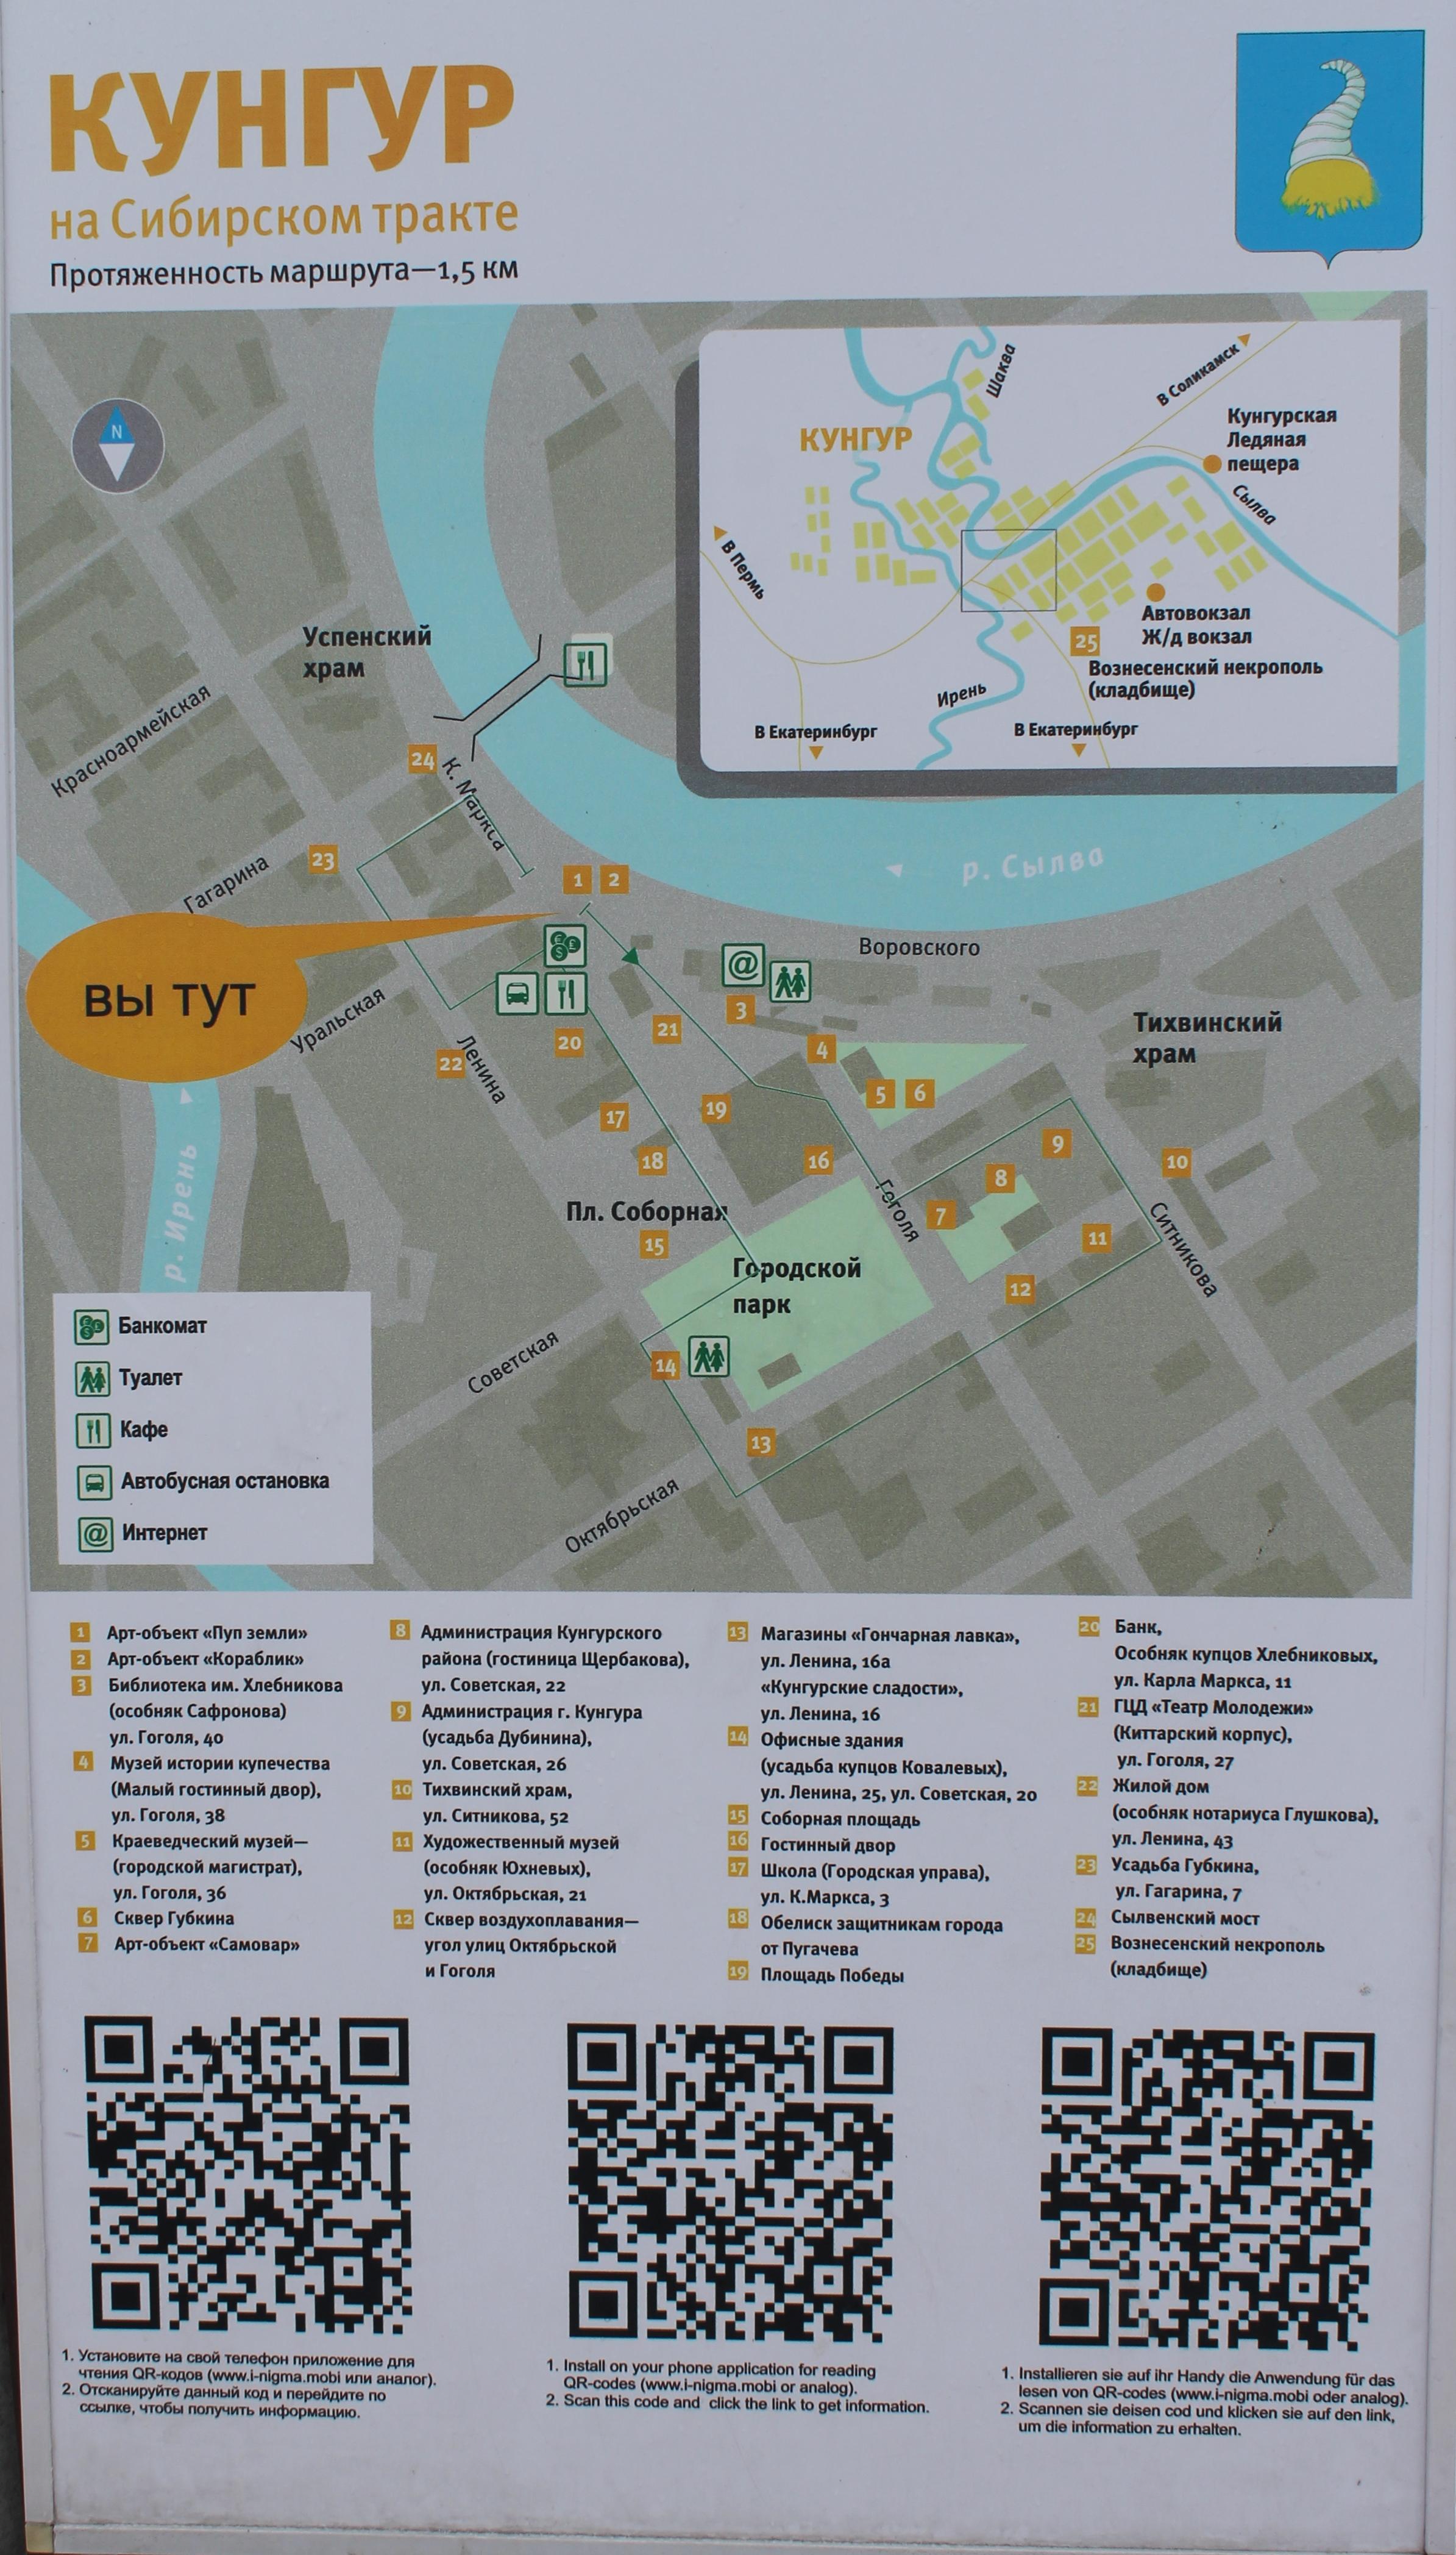 Схема пешеходного маршрута Кунгур